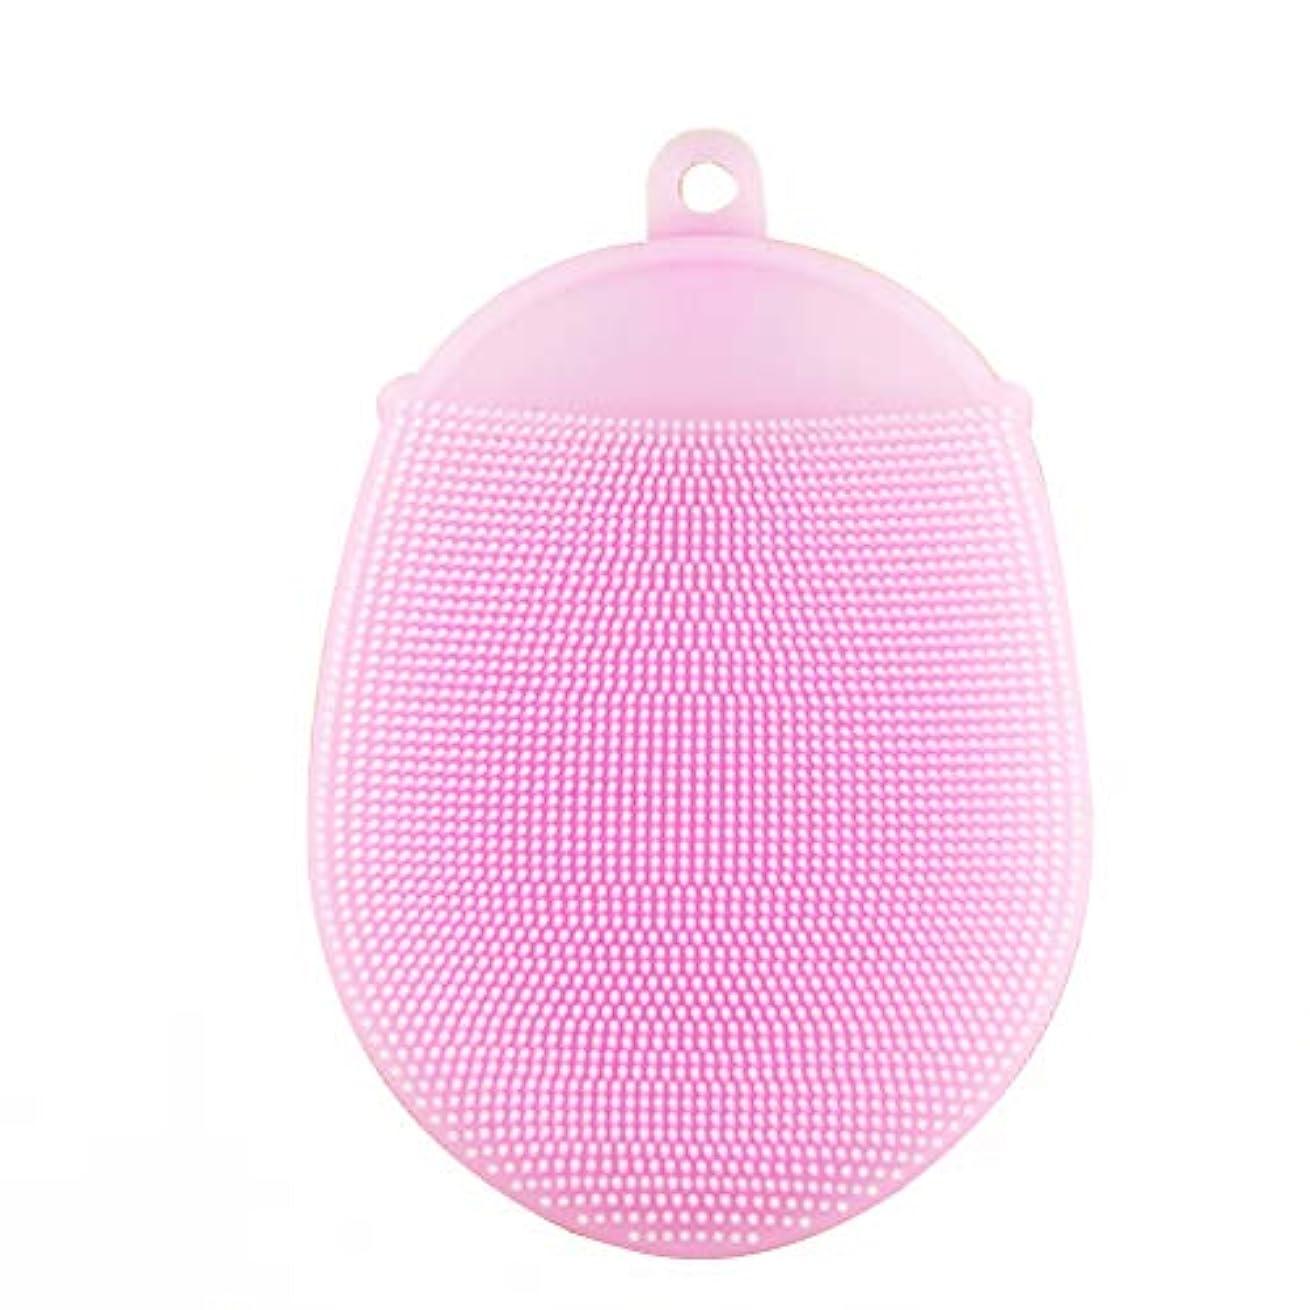 天皇コミットキャストHealifty ボディブラシ2本シリコン入浴ブラシ抗菌シャワースクラバー洗顔パッド(ピンク)